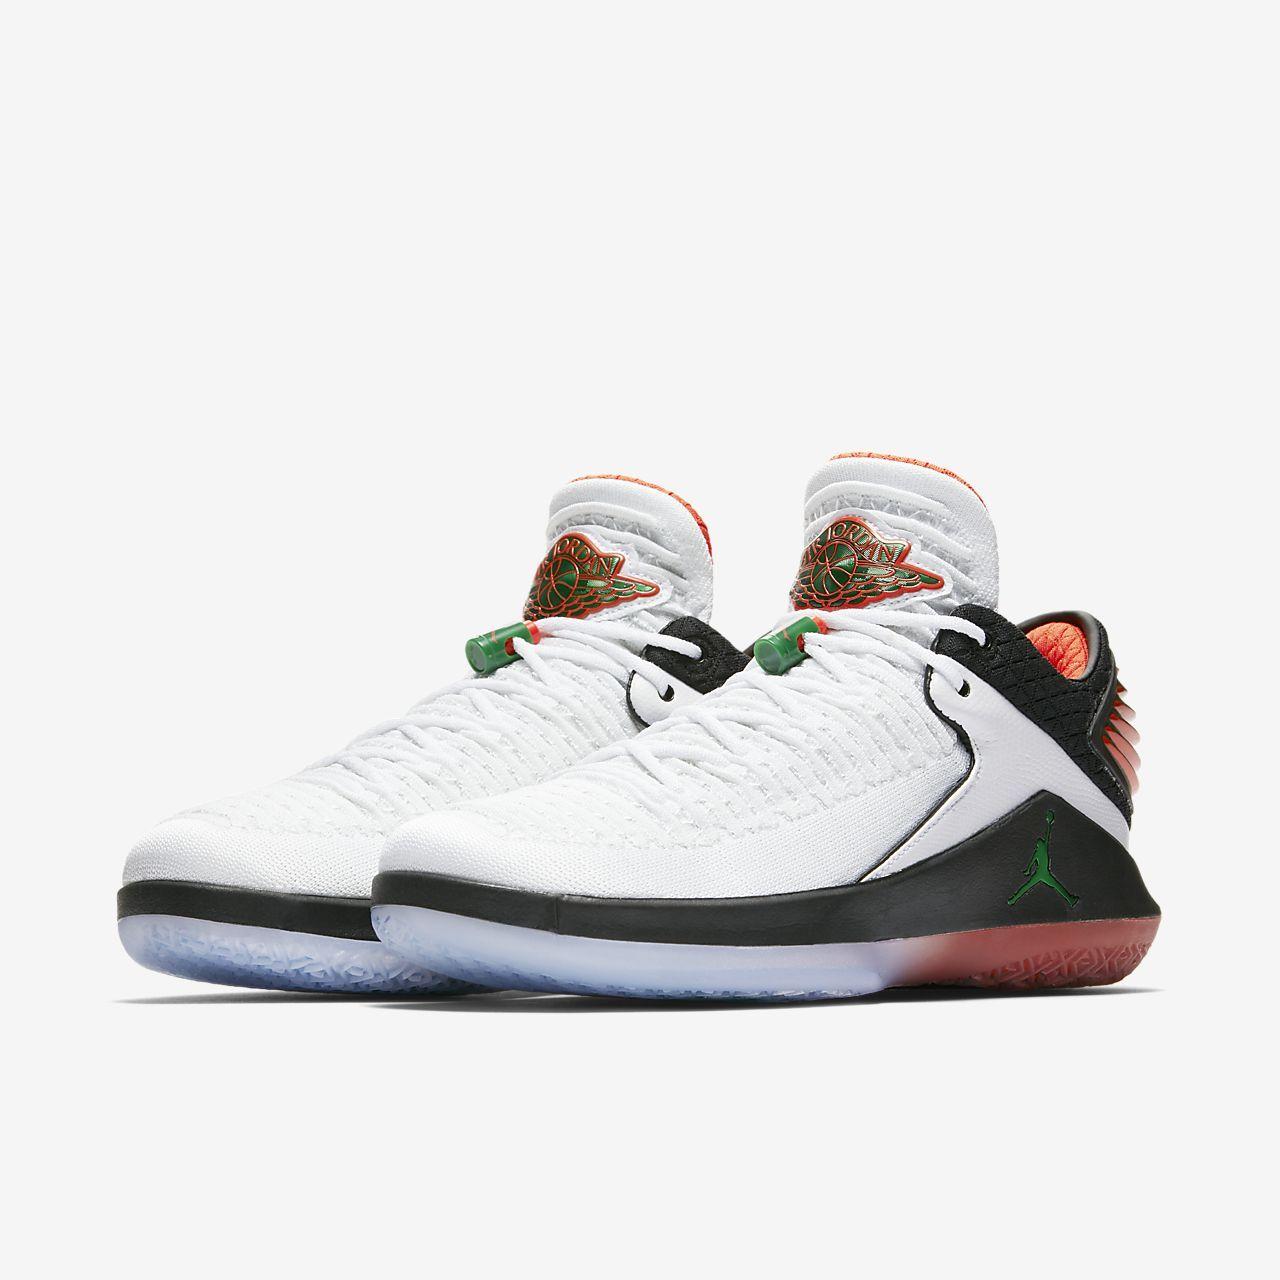 207f52078a1e2a Air Jordan XXXII Low